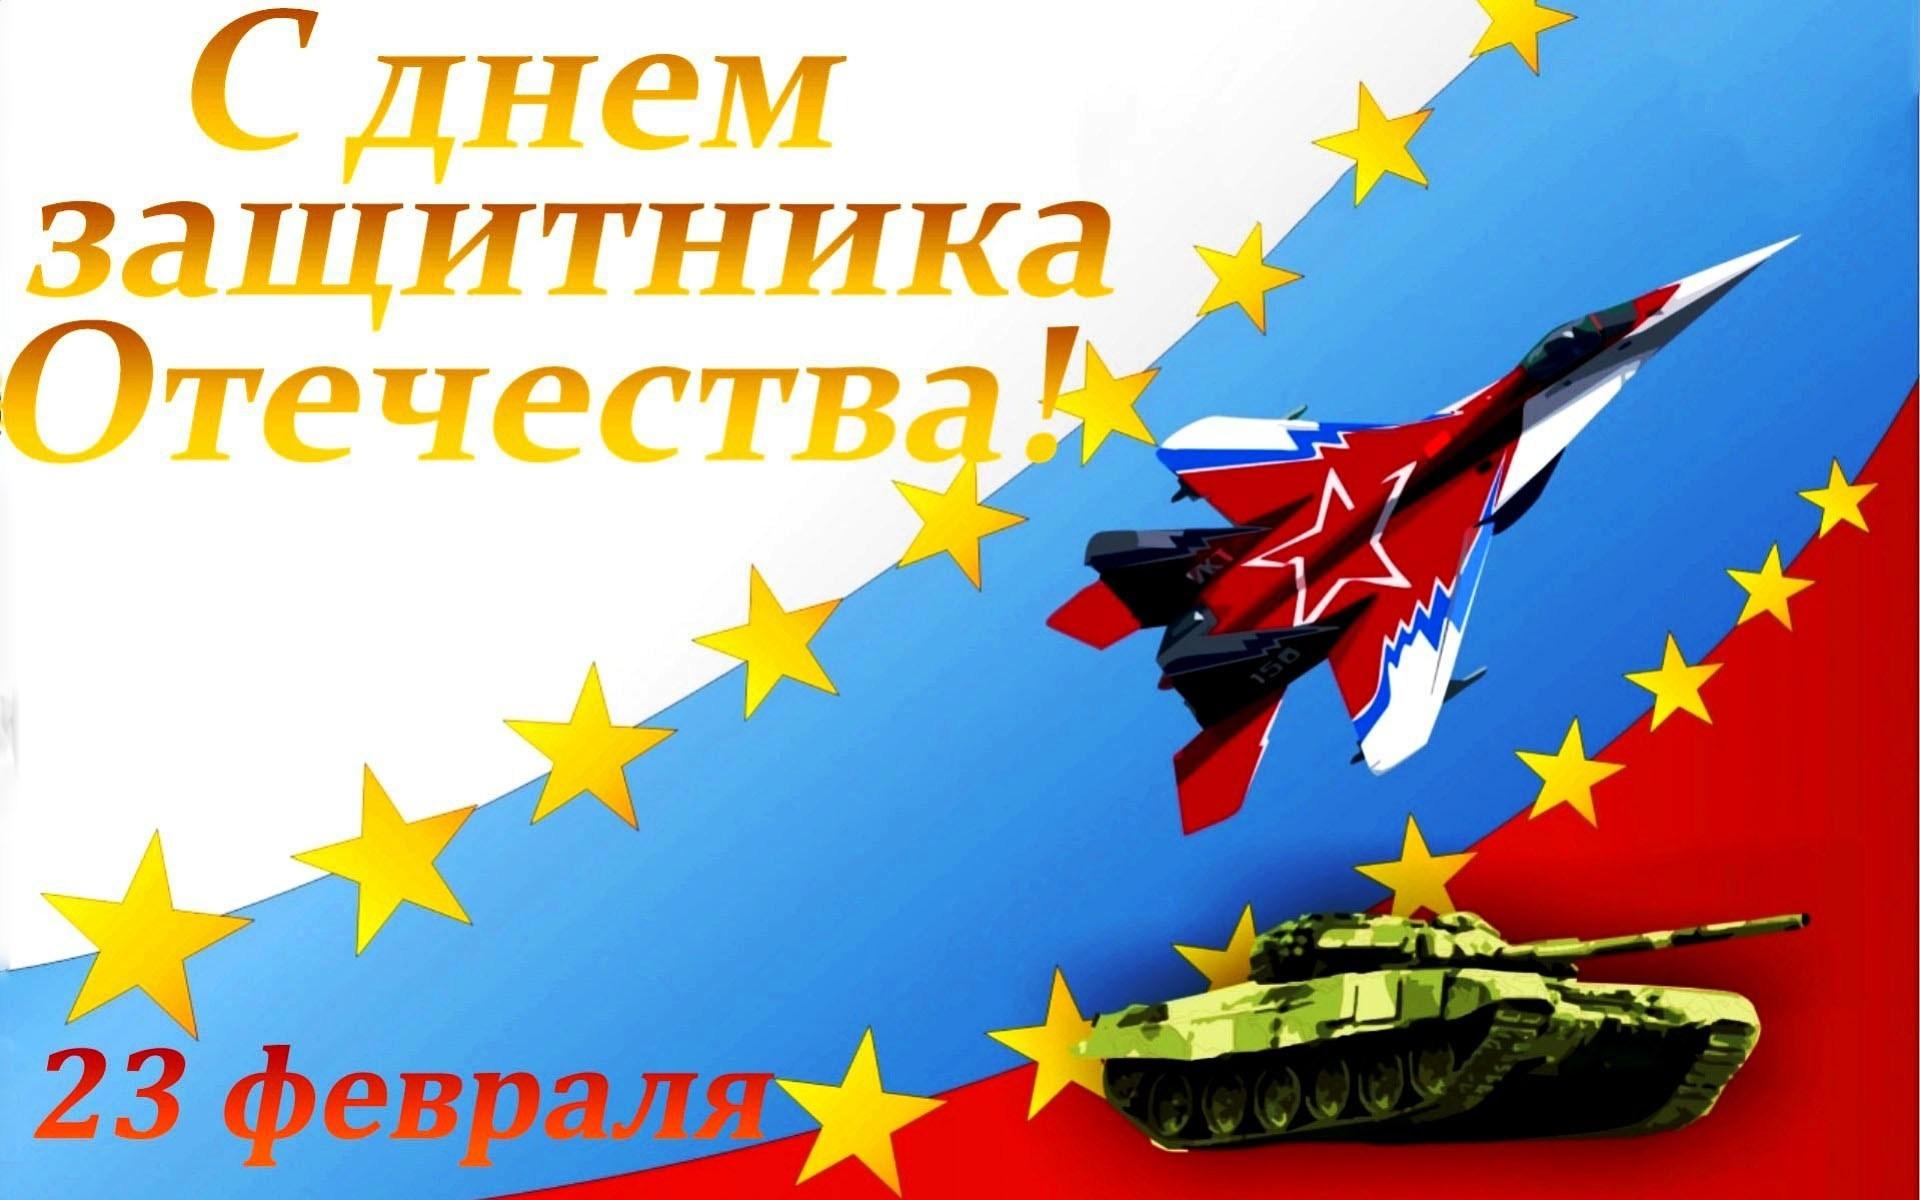 Поздравления к дню защитника отечества 23 февраля в картинках, приеме